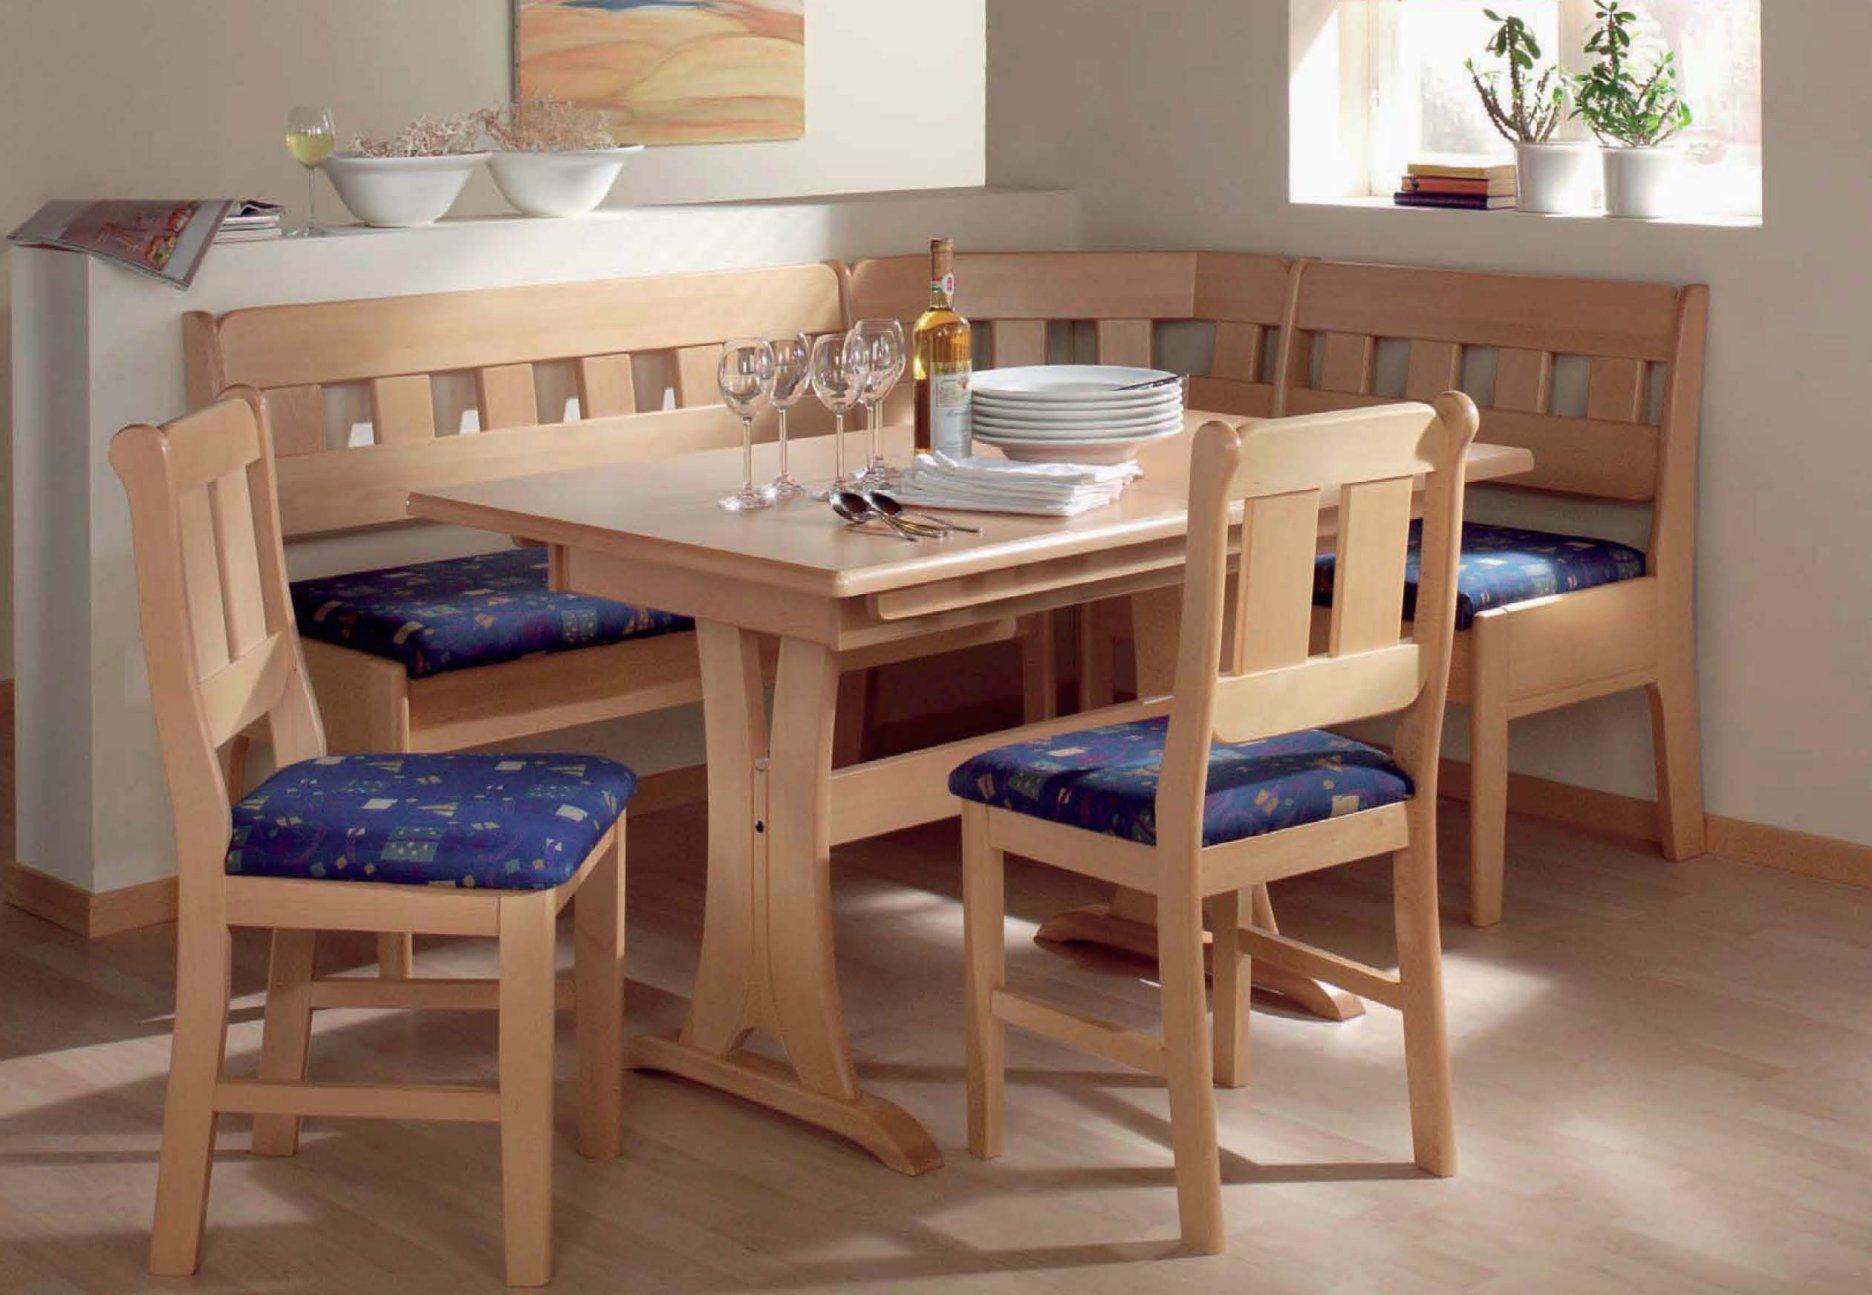 Как сделать кухонный уголок из стульев